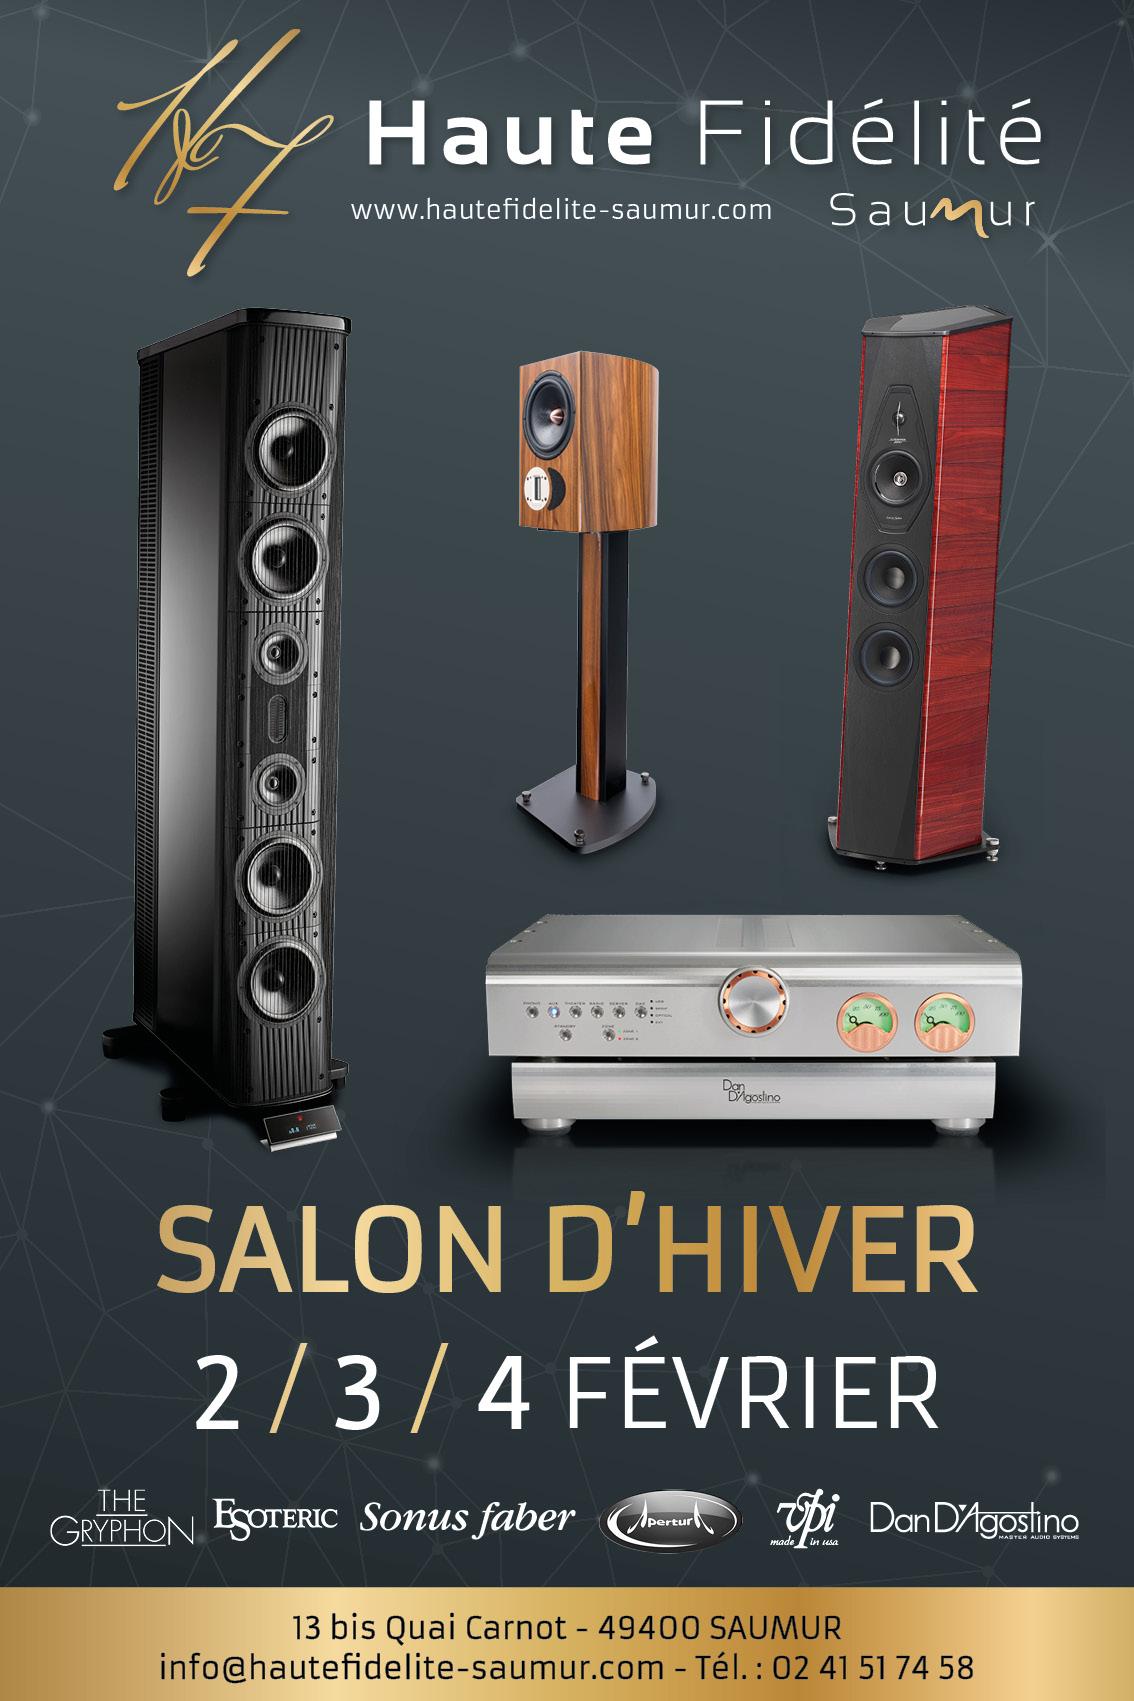 Salon d 39 hiver chez haute fid lit saumur en f vrier for Haute fidelite